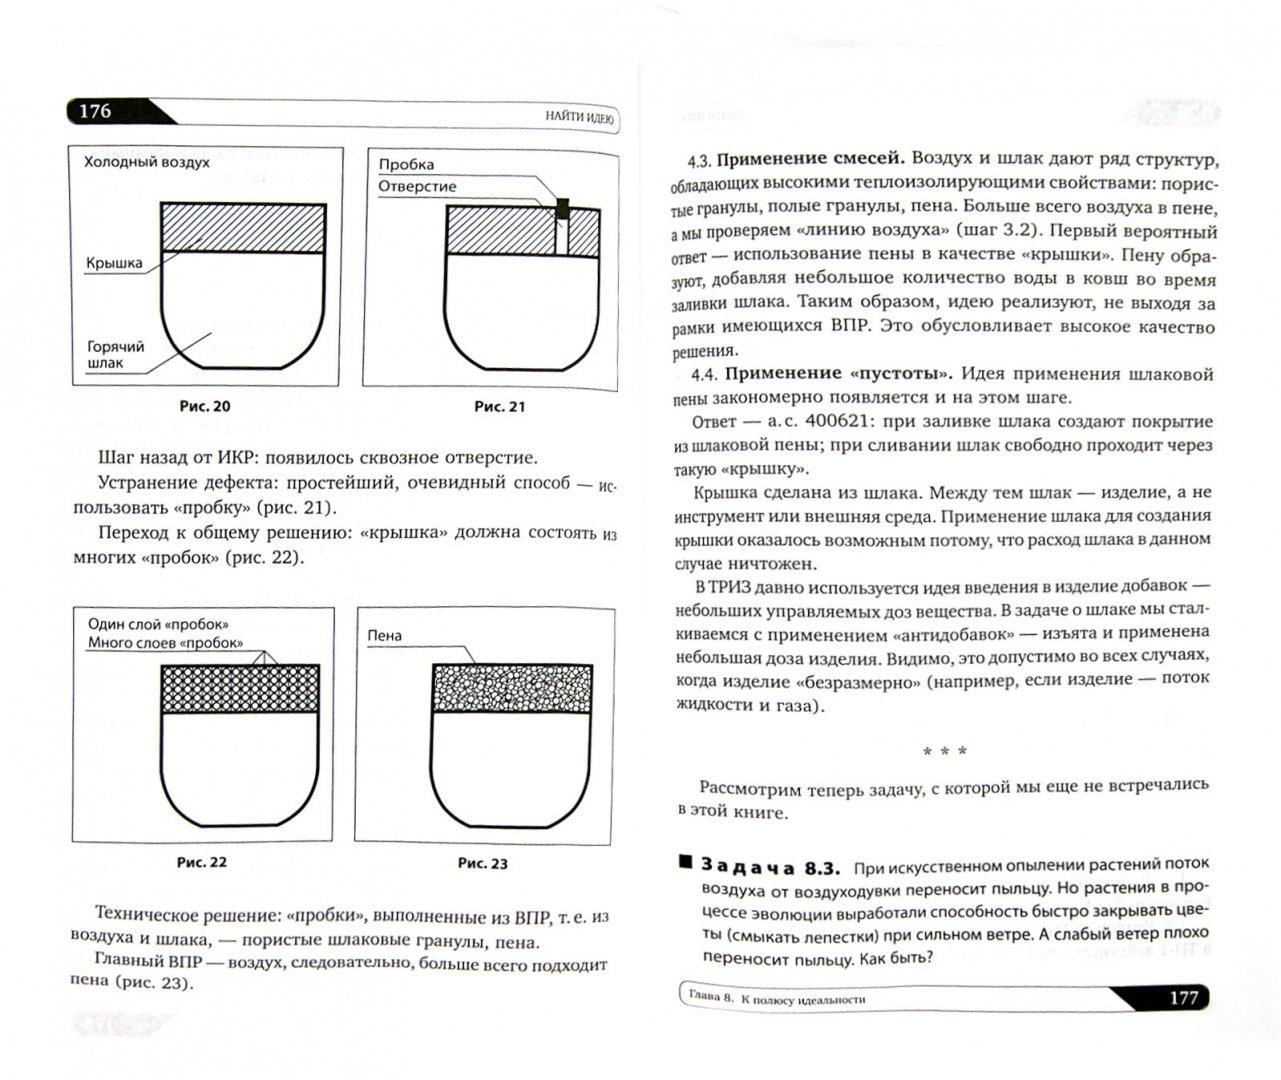 Иллюстрация 1 из 8 для Найти идею. Введение в ТРИЗ - теорию решения изобретательских задач - Генрих Альтшуллер | Лабиринт - книги. Источник: Лабиринт